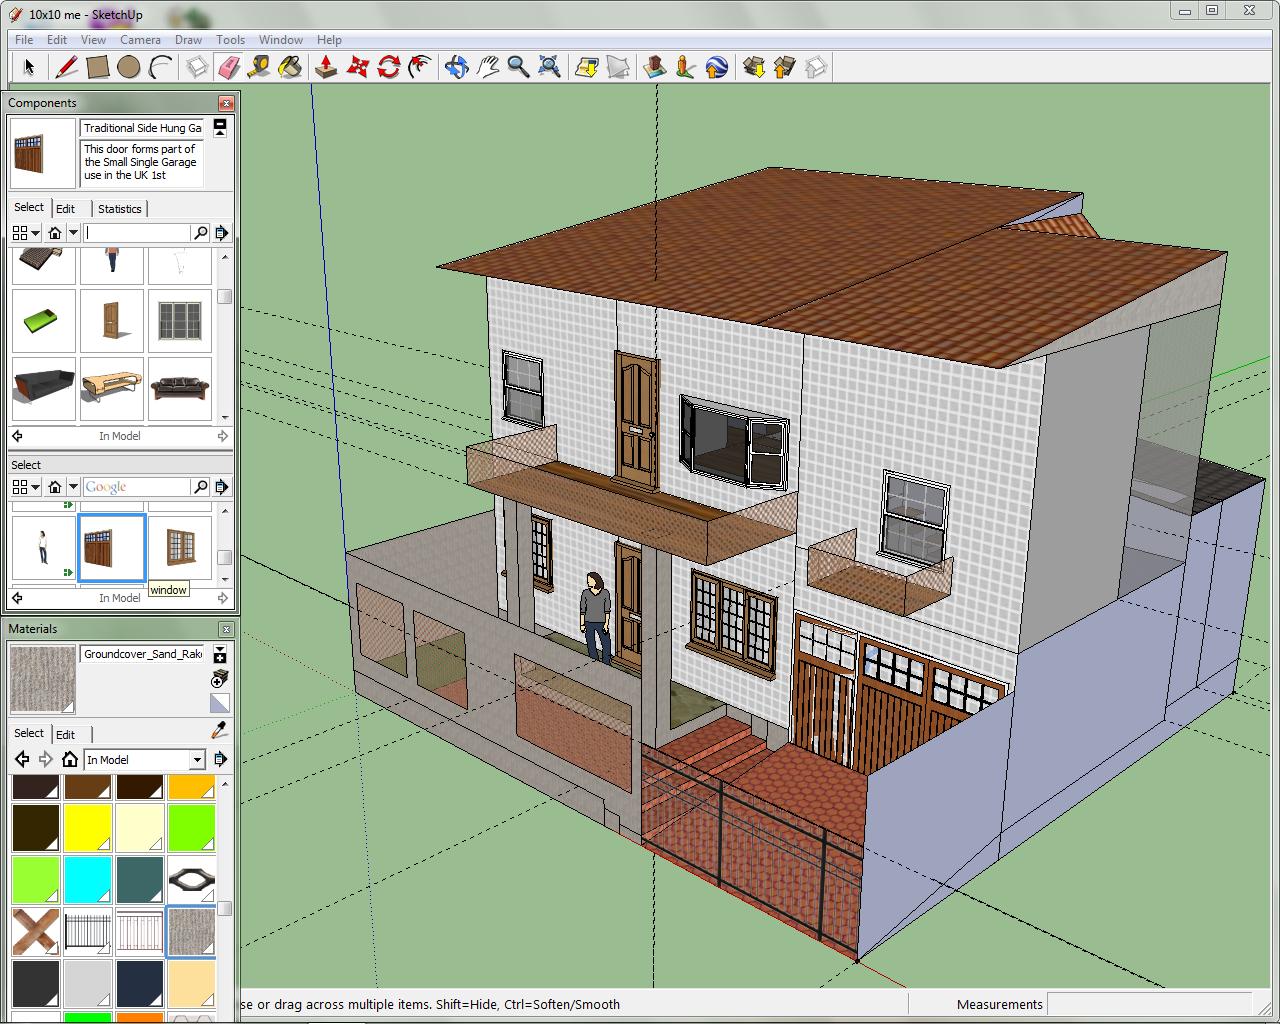 desain rumah minimalis type 90 kavling ukuran 6 m x 8 m